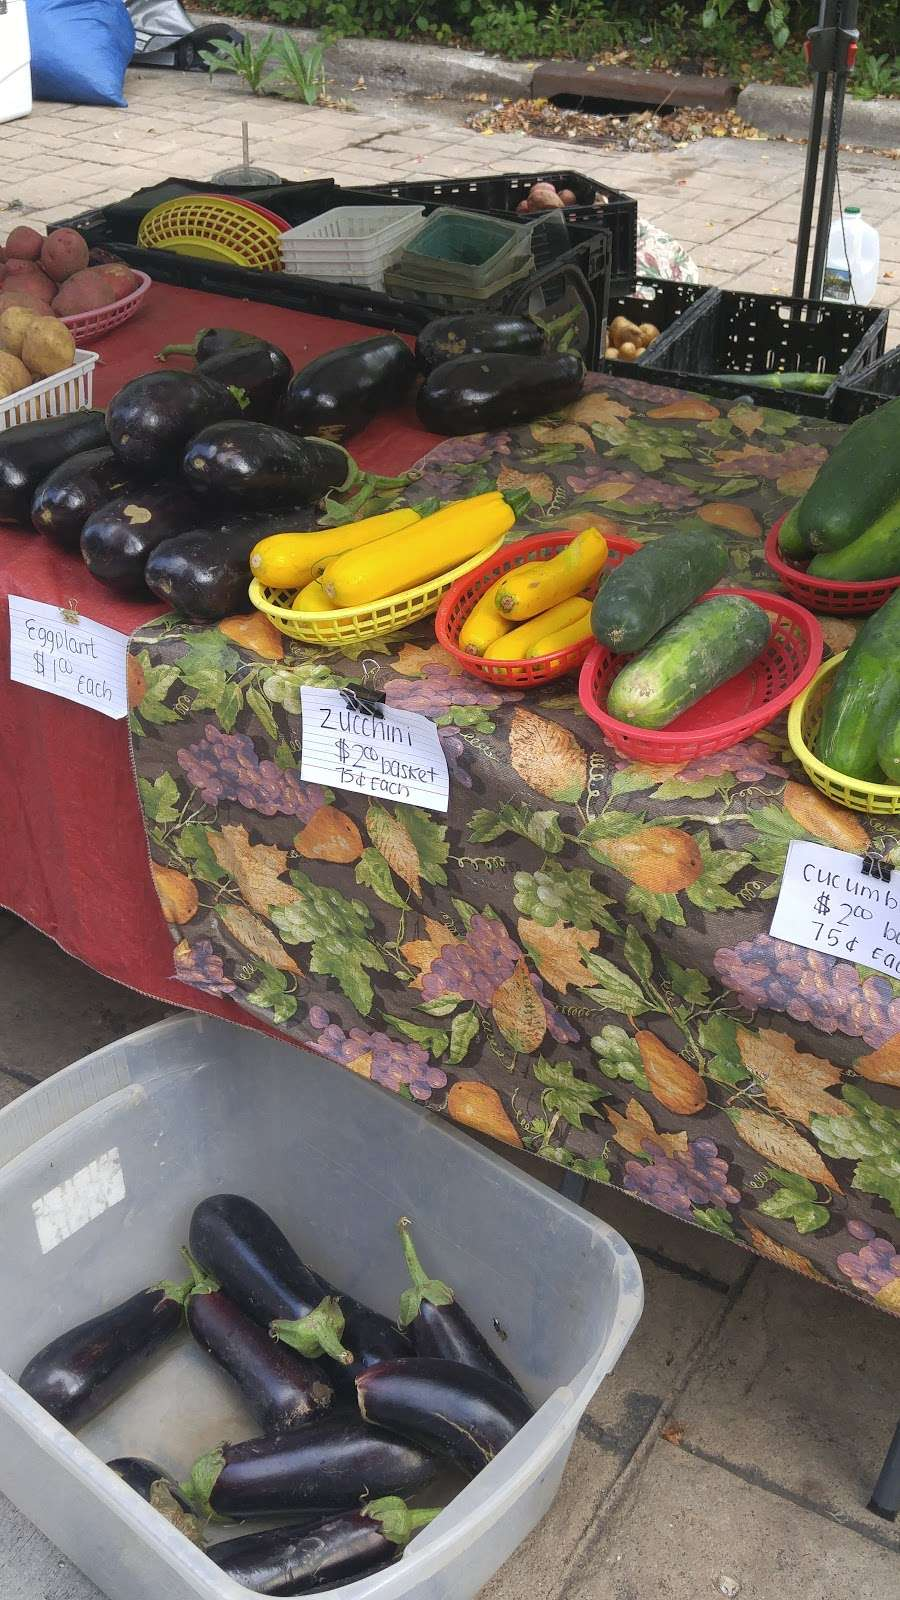 Tosa Farmers Market - store  | Photo 9 of 10 | Address: 7720 Harwood Ave, Wauwatosa, WI 53213, USA | Phone: (414) 301-2526